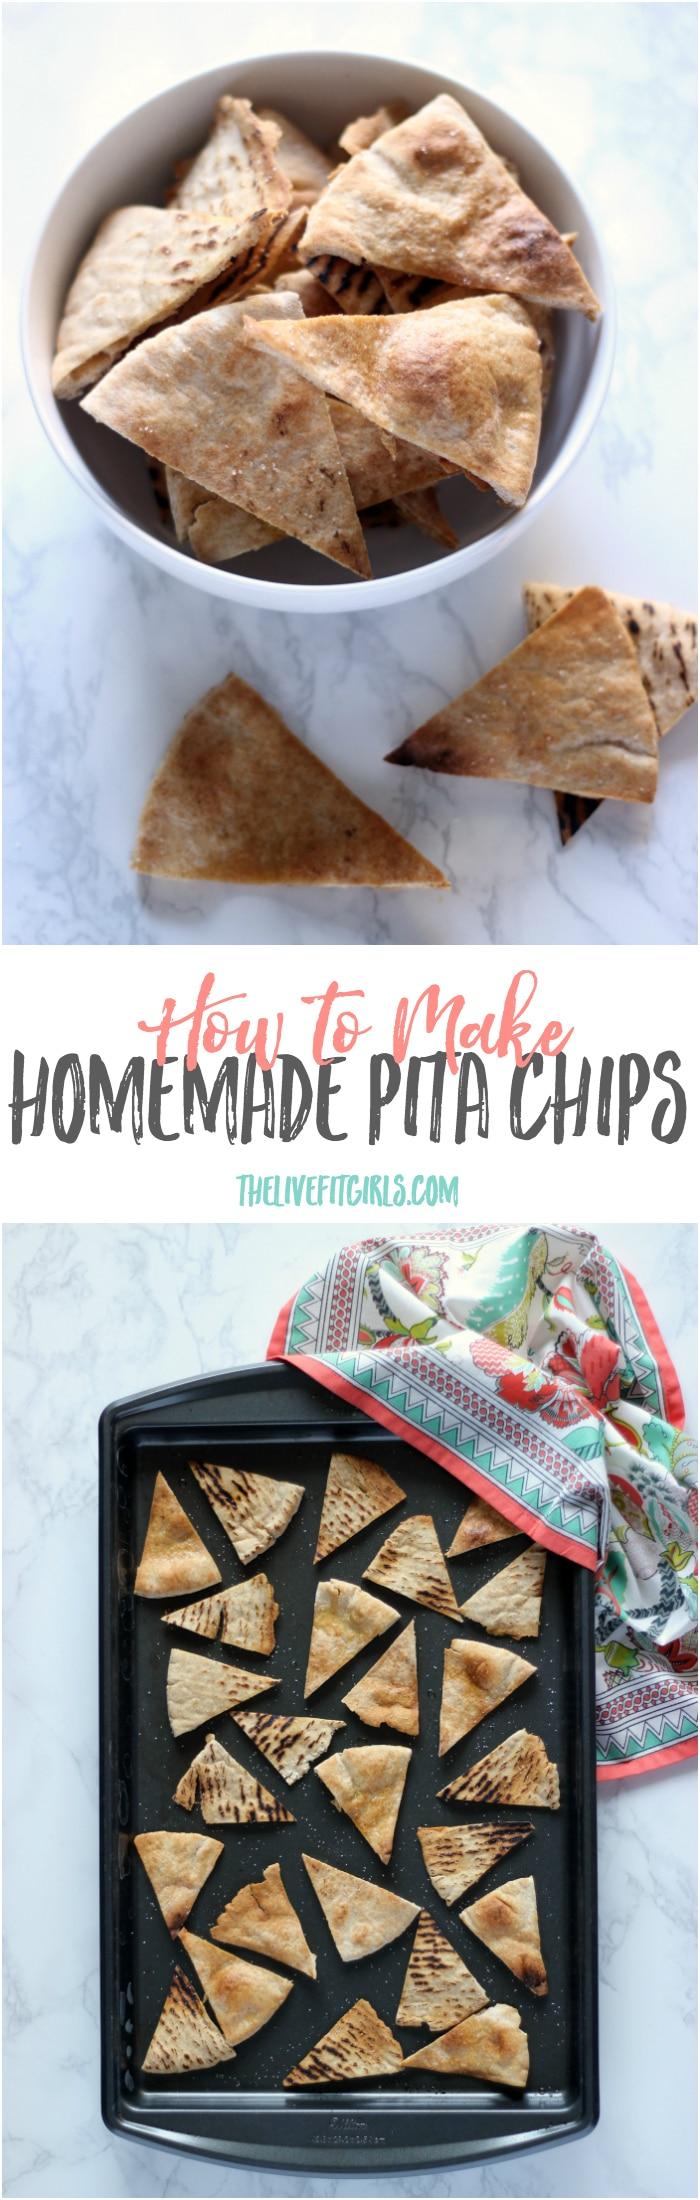 pita-chips-pin